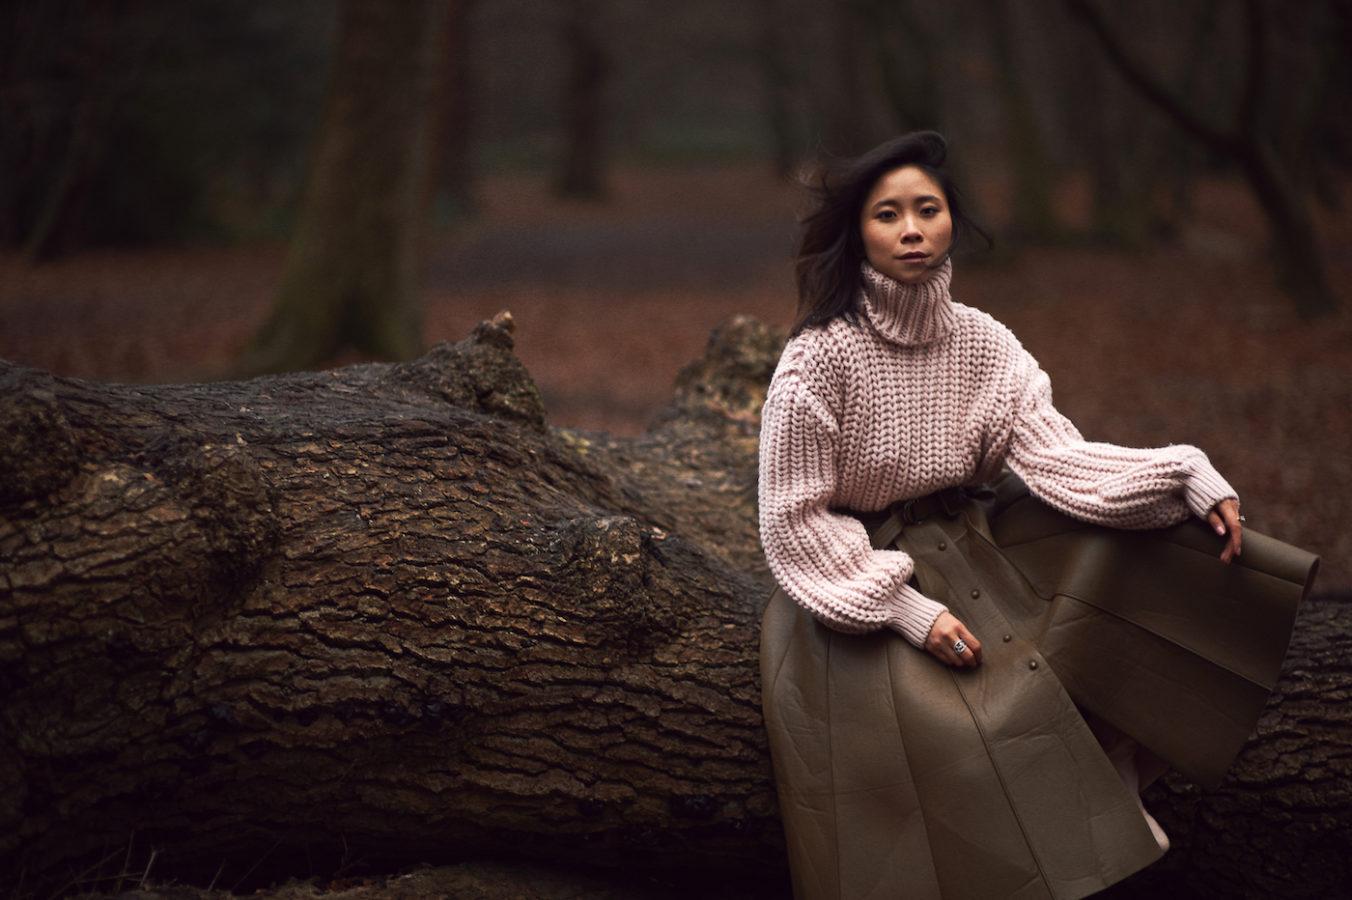 Nga Nguyen on Her Personal Journey to Wellness and Her Brand NGA